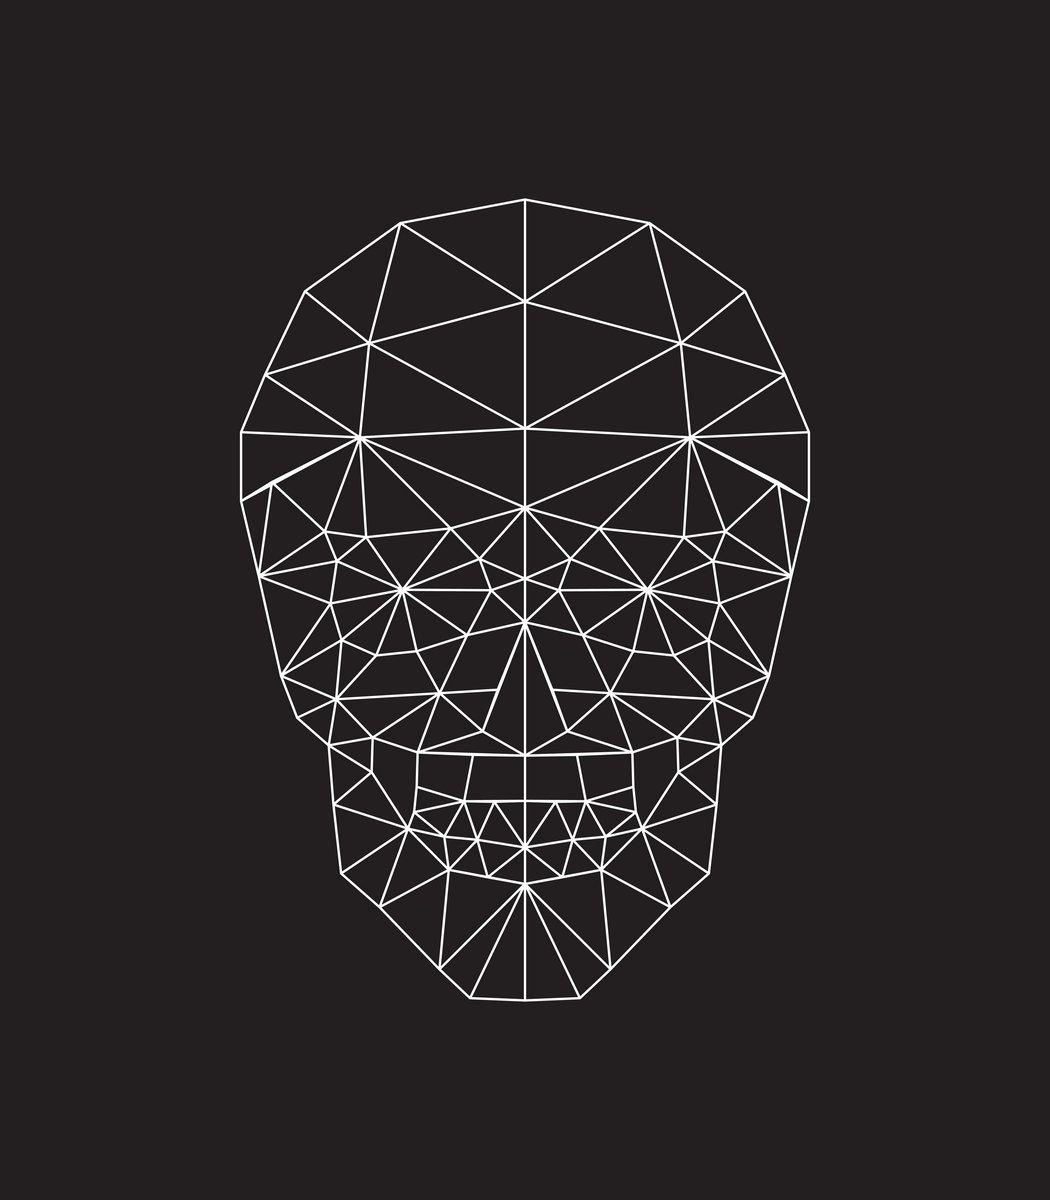 Постер-картина Минимализм Полигональные векторные черепа Минимализм<br>Постер на холсте или бумаге. Любого нужного вам размера. В раме или без. Подвес в комплекте. Трехслойная надежная упаковка. Доставим в любую точку России. Вам осталось только повесить картину на стену!<br>